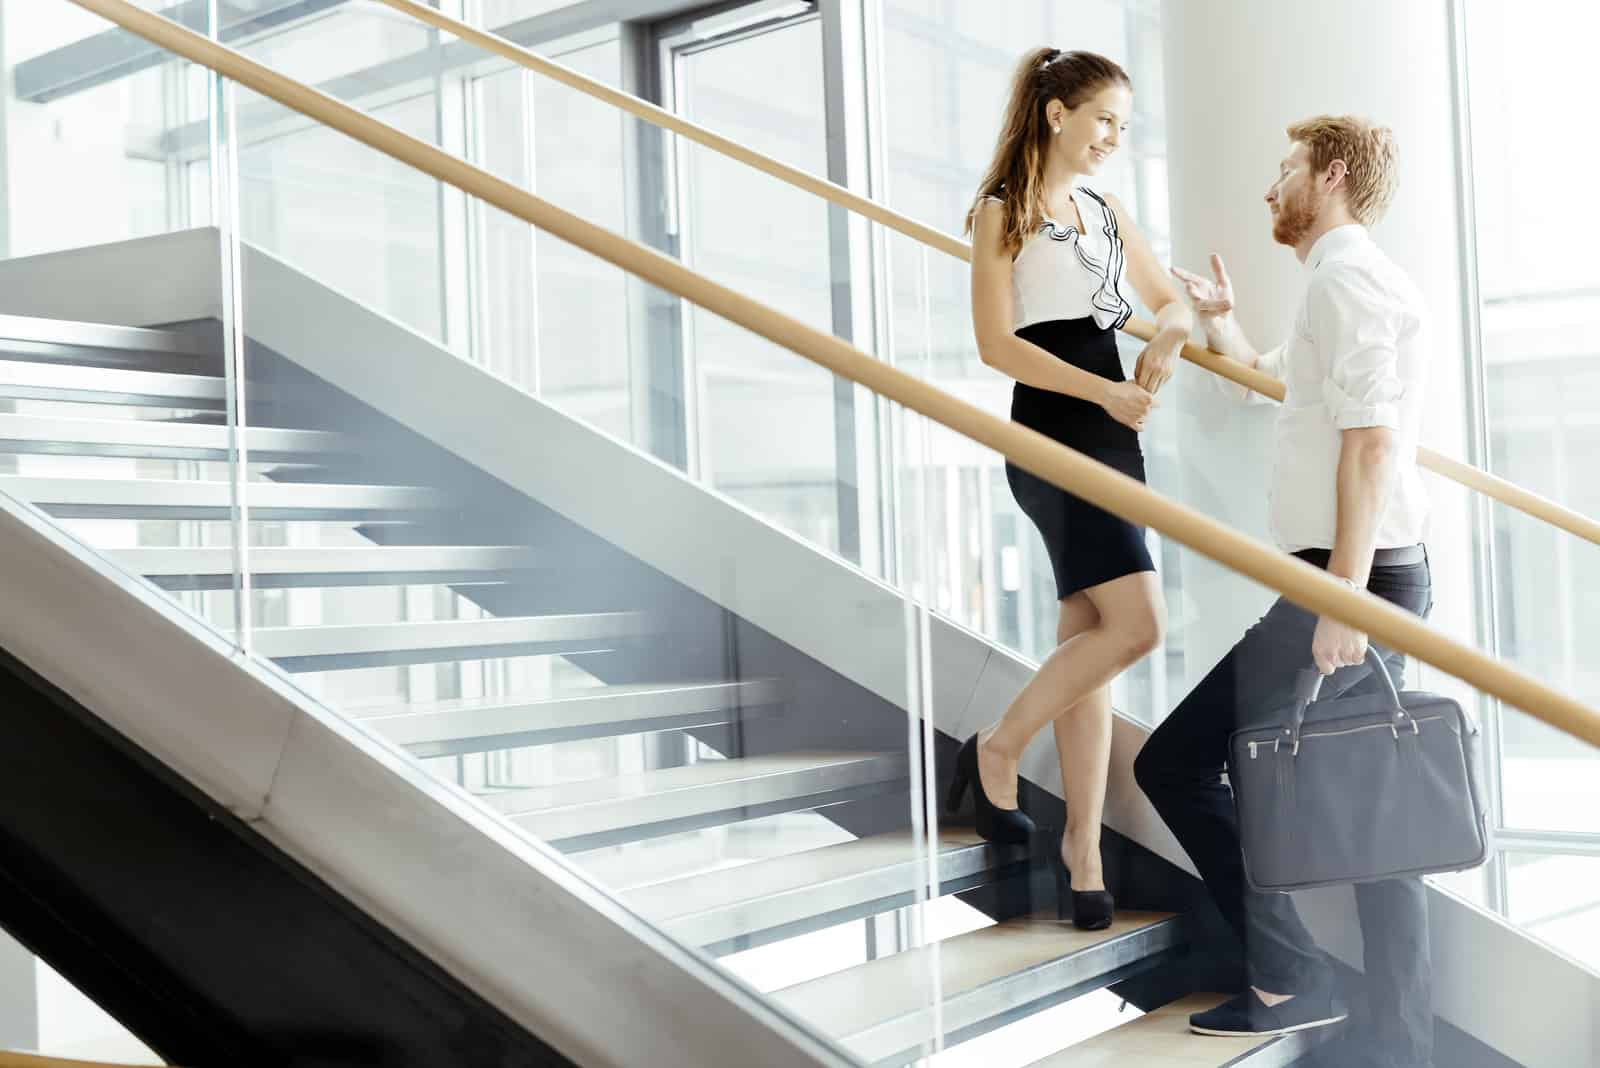 Affärskollegor som talar i trappor och flörtar